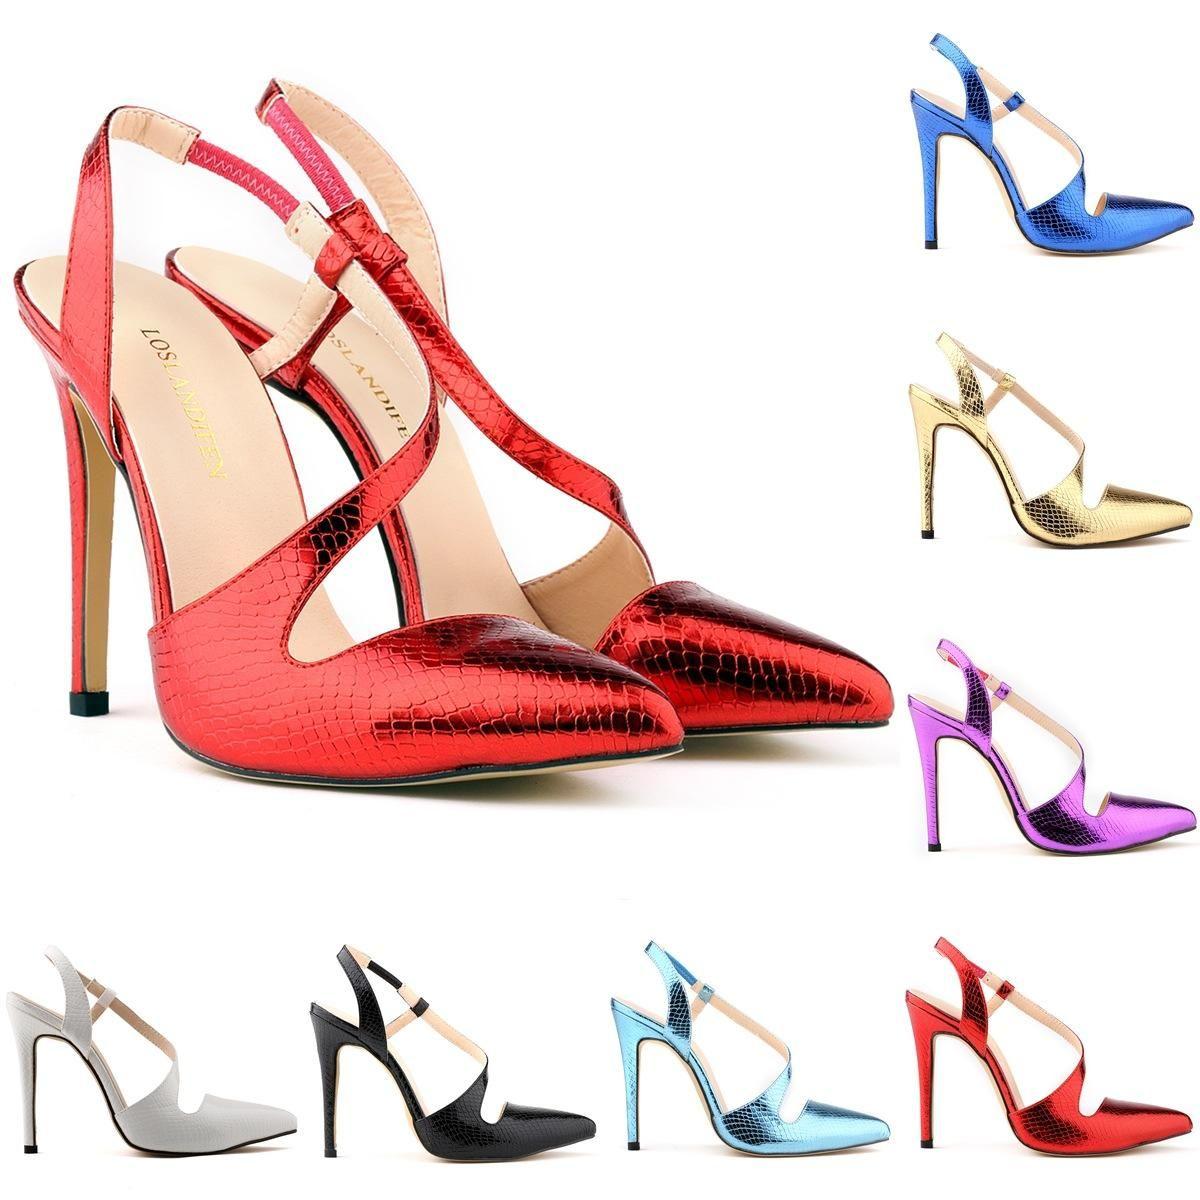 Marka tasarımcı-Bayan Stilettos Yüksek Topuklar Timsah Tahıl Stilettos Sivri Burun Ayak Bileği Kayışı Takozlar Platformu Seksi Ayakkabı ABD Boyutu 4-11 D0093